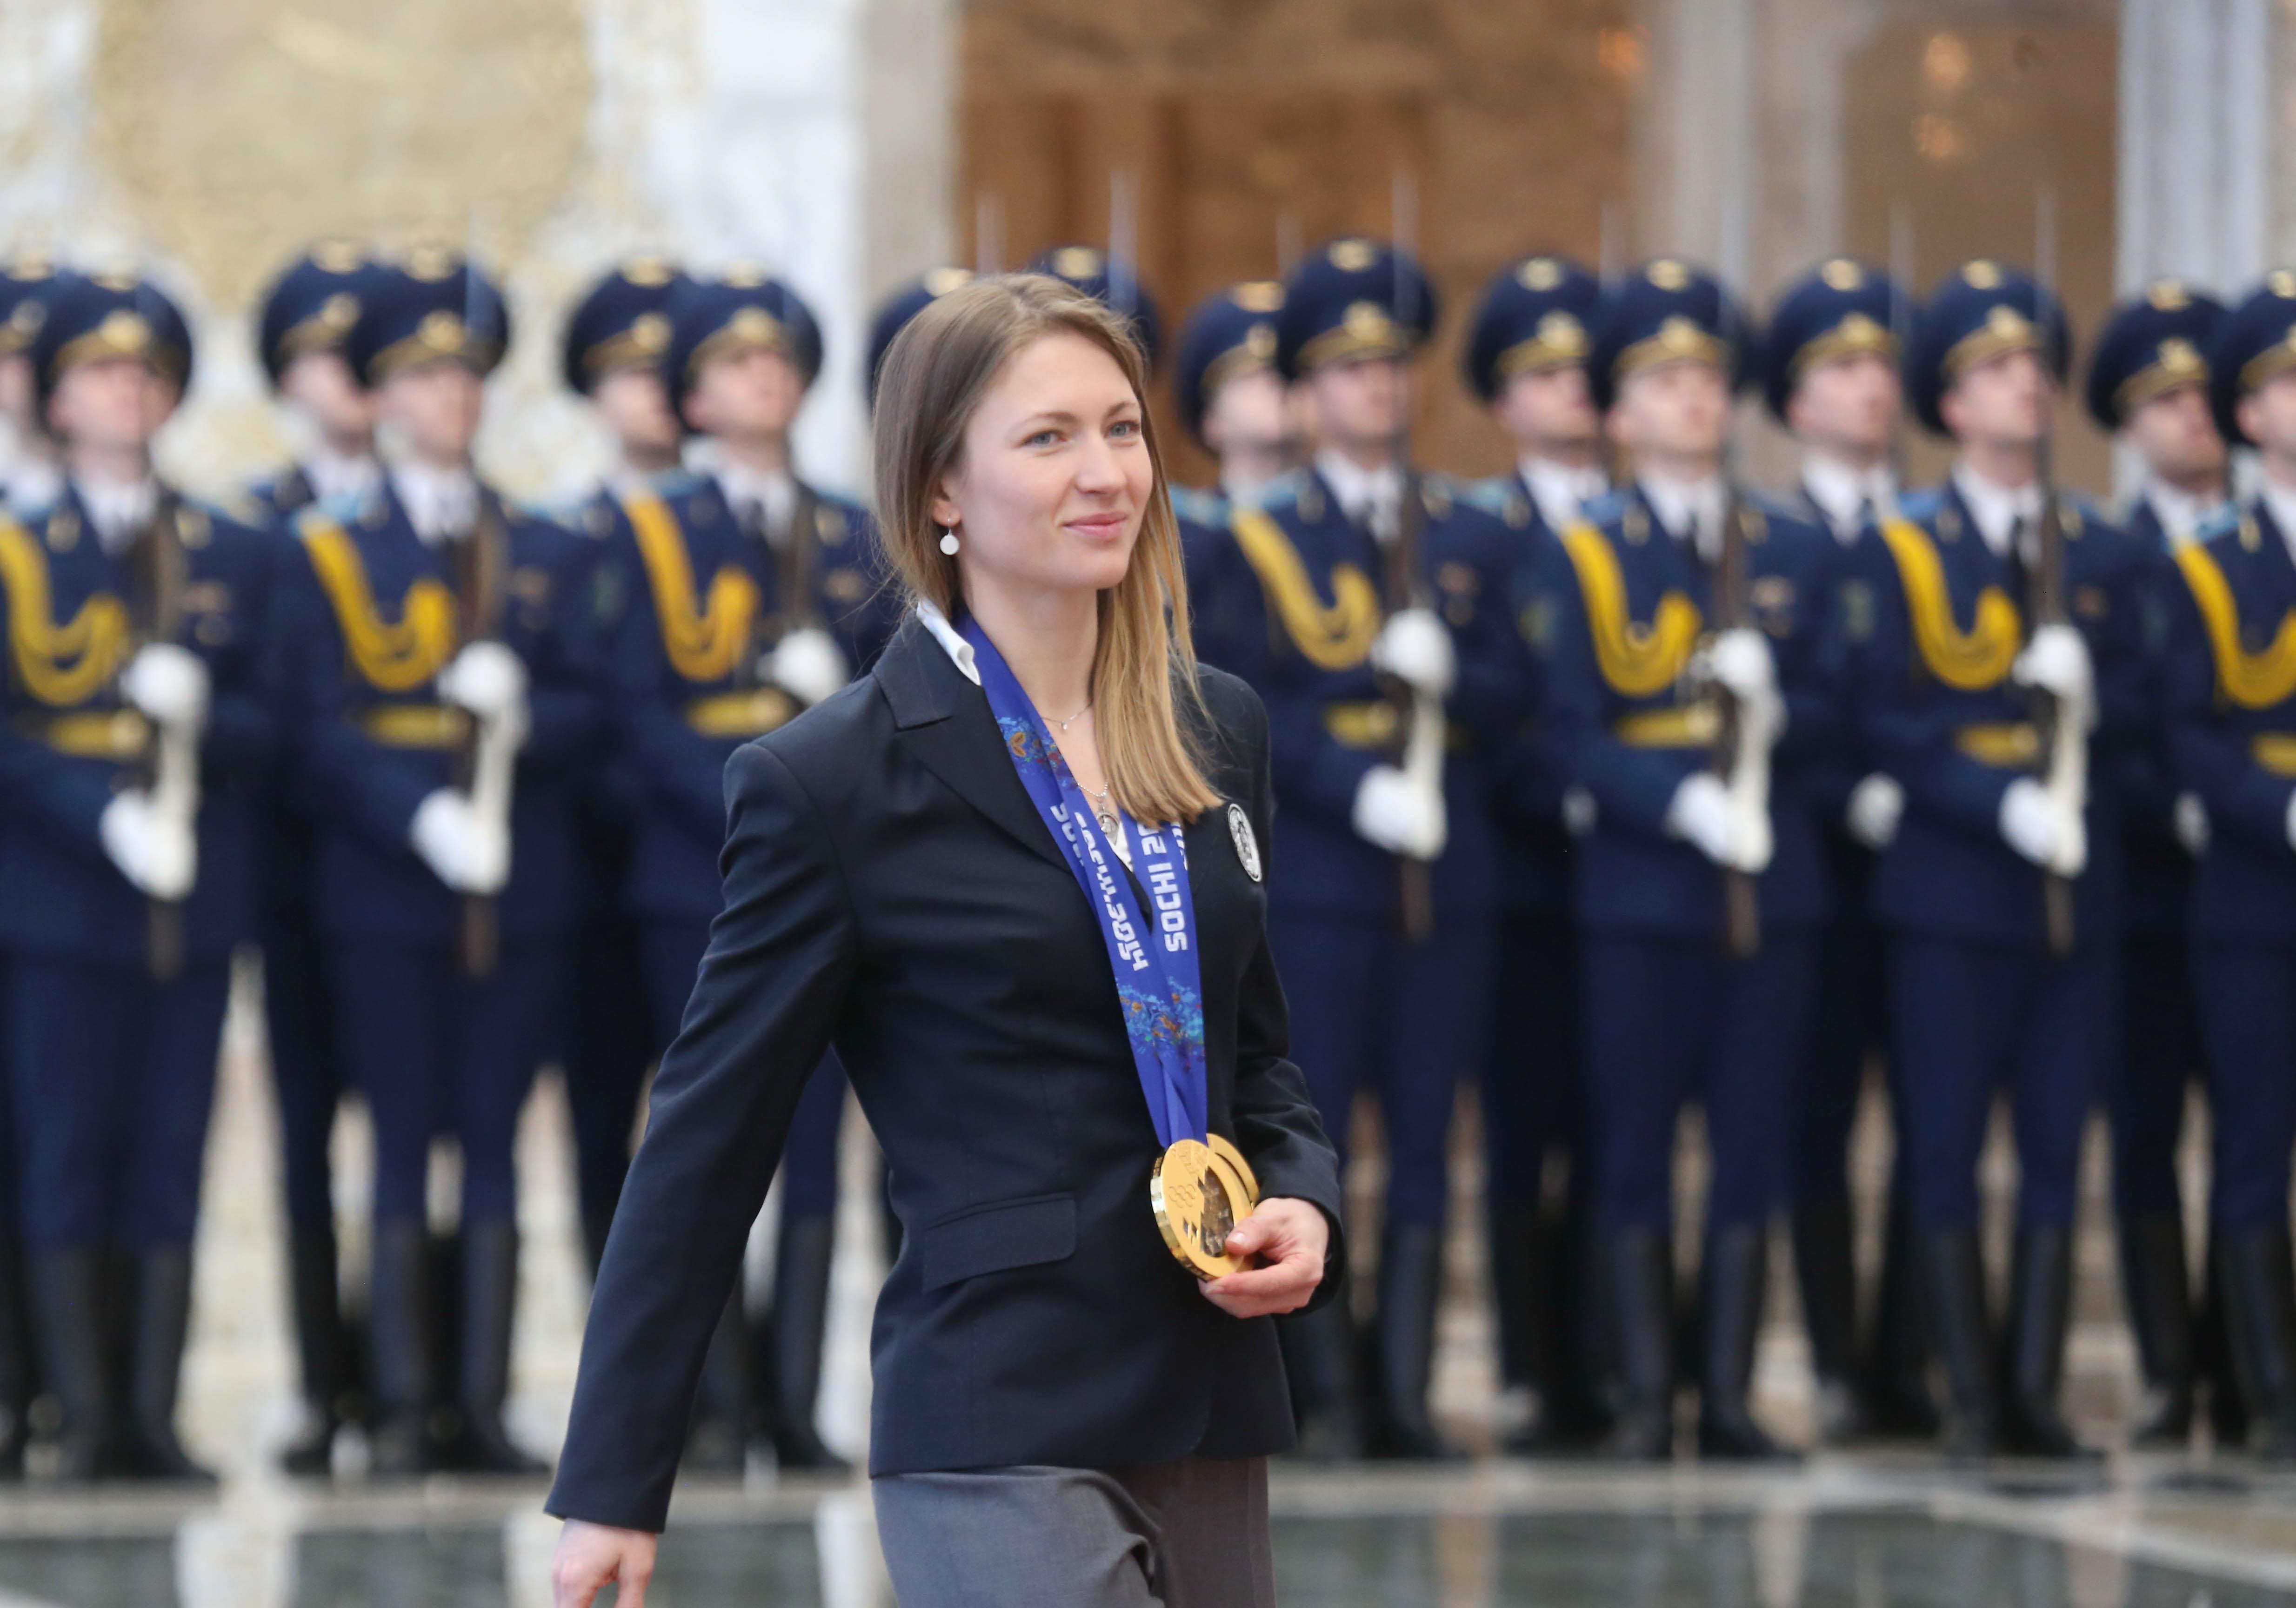 Золотая биатлонистка Дарья Домрачева станет послом доброй воли ООН